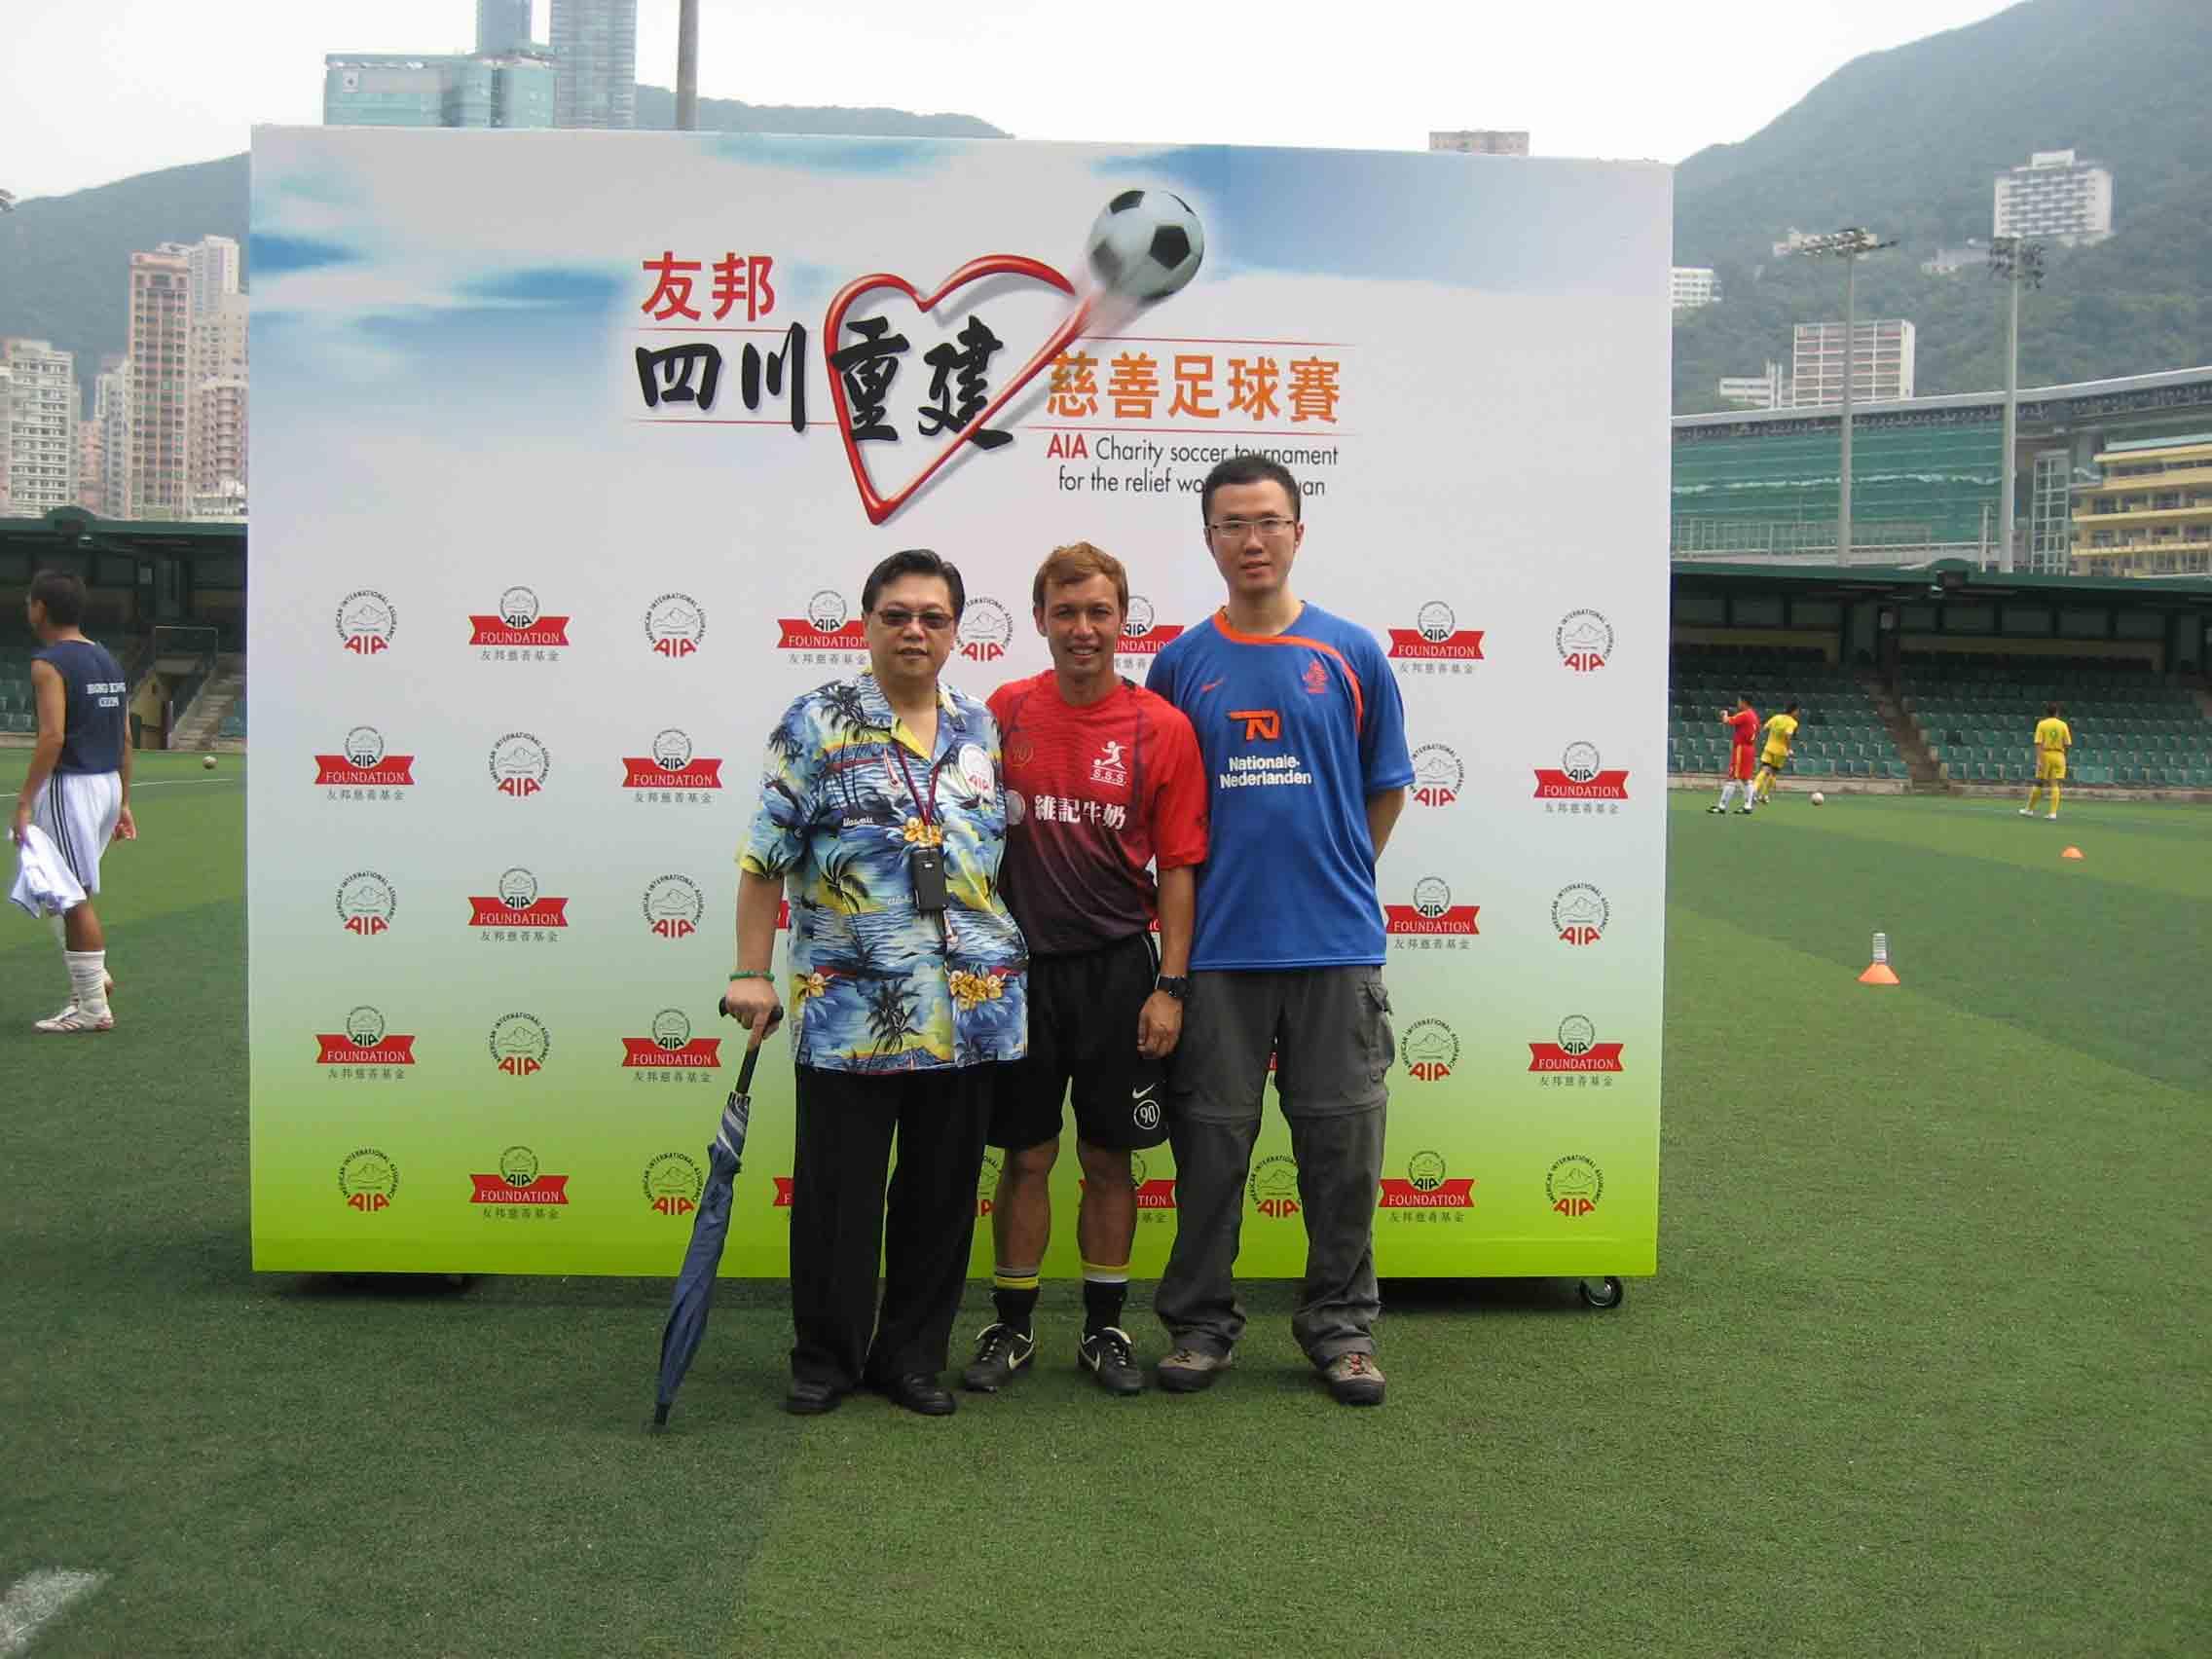 我們的物理治療客戶, 明星足球隊, 香港曼聯官方球迷會, DHL香港, 香港鐵路有限公司 MTR